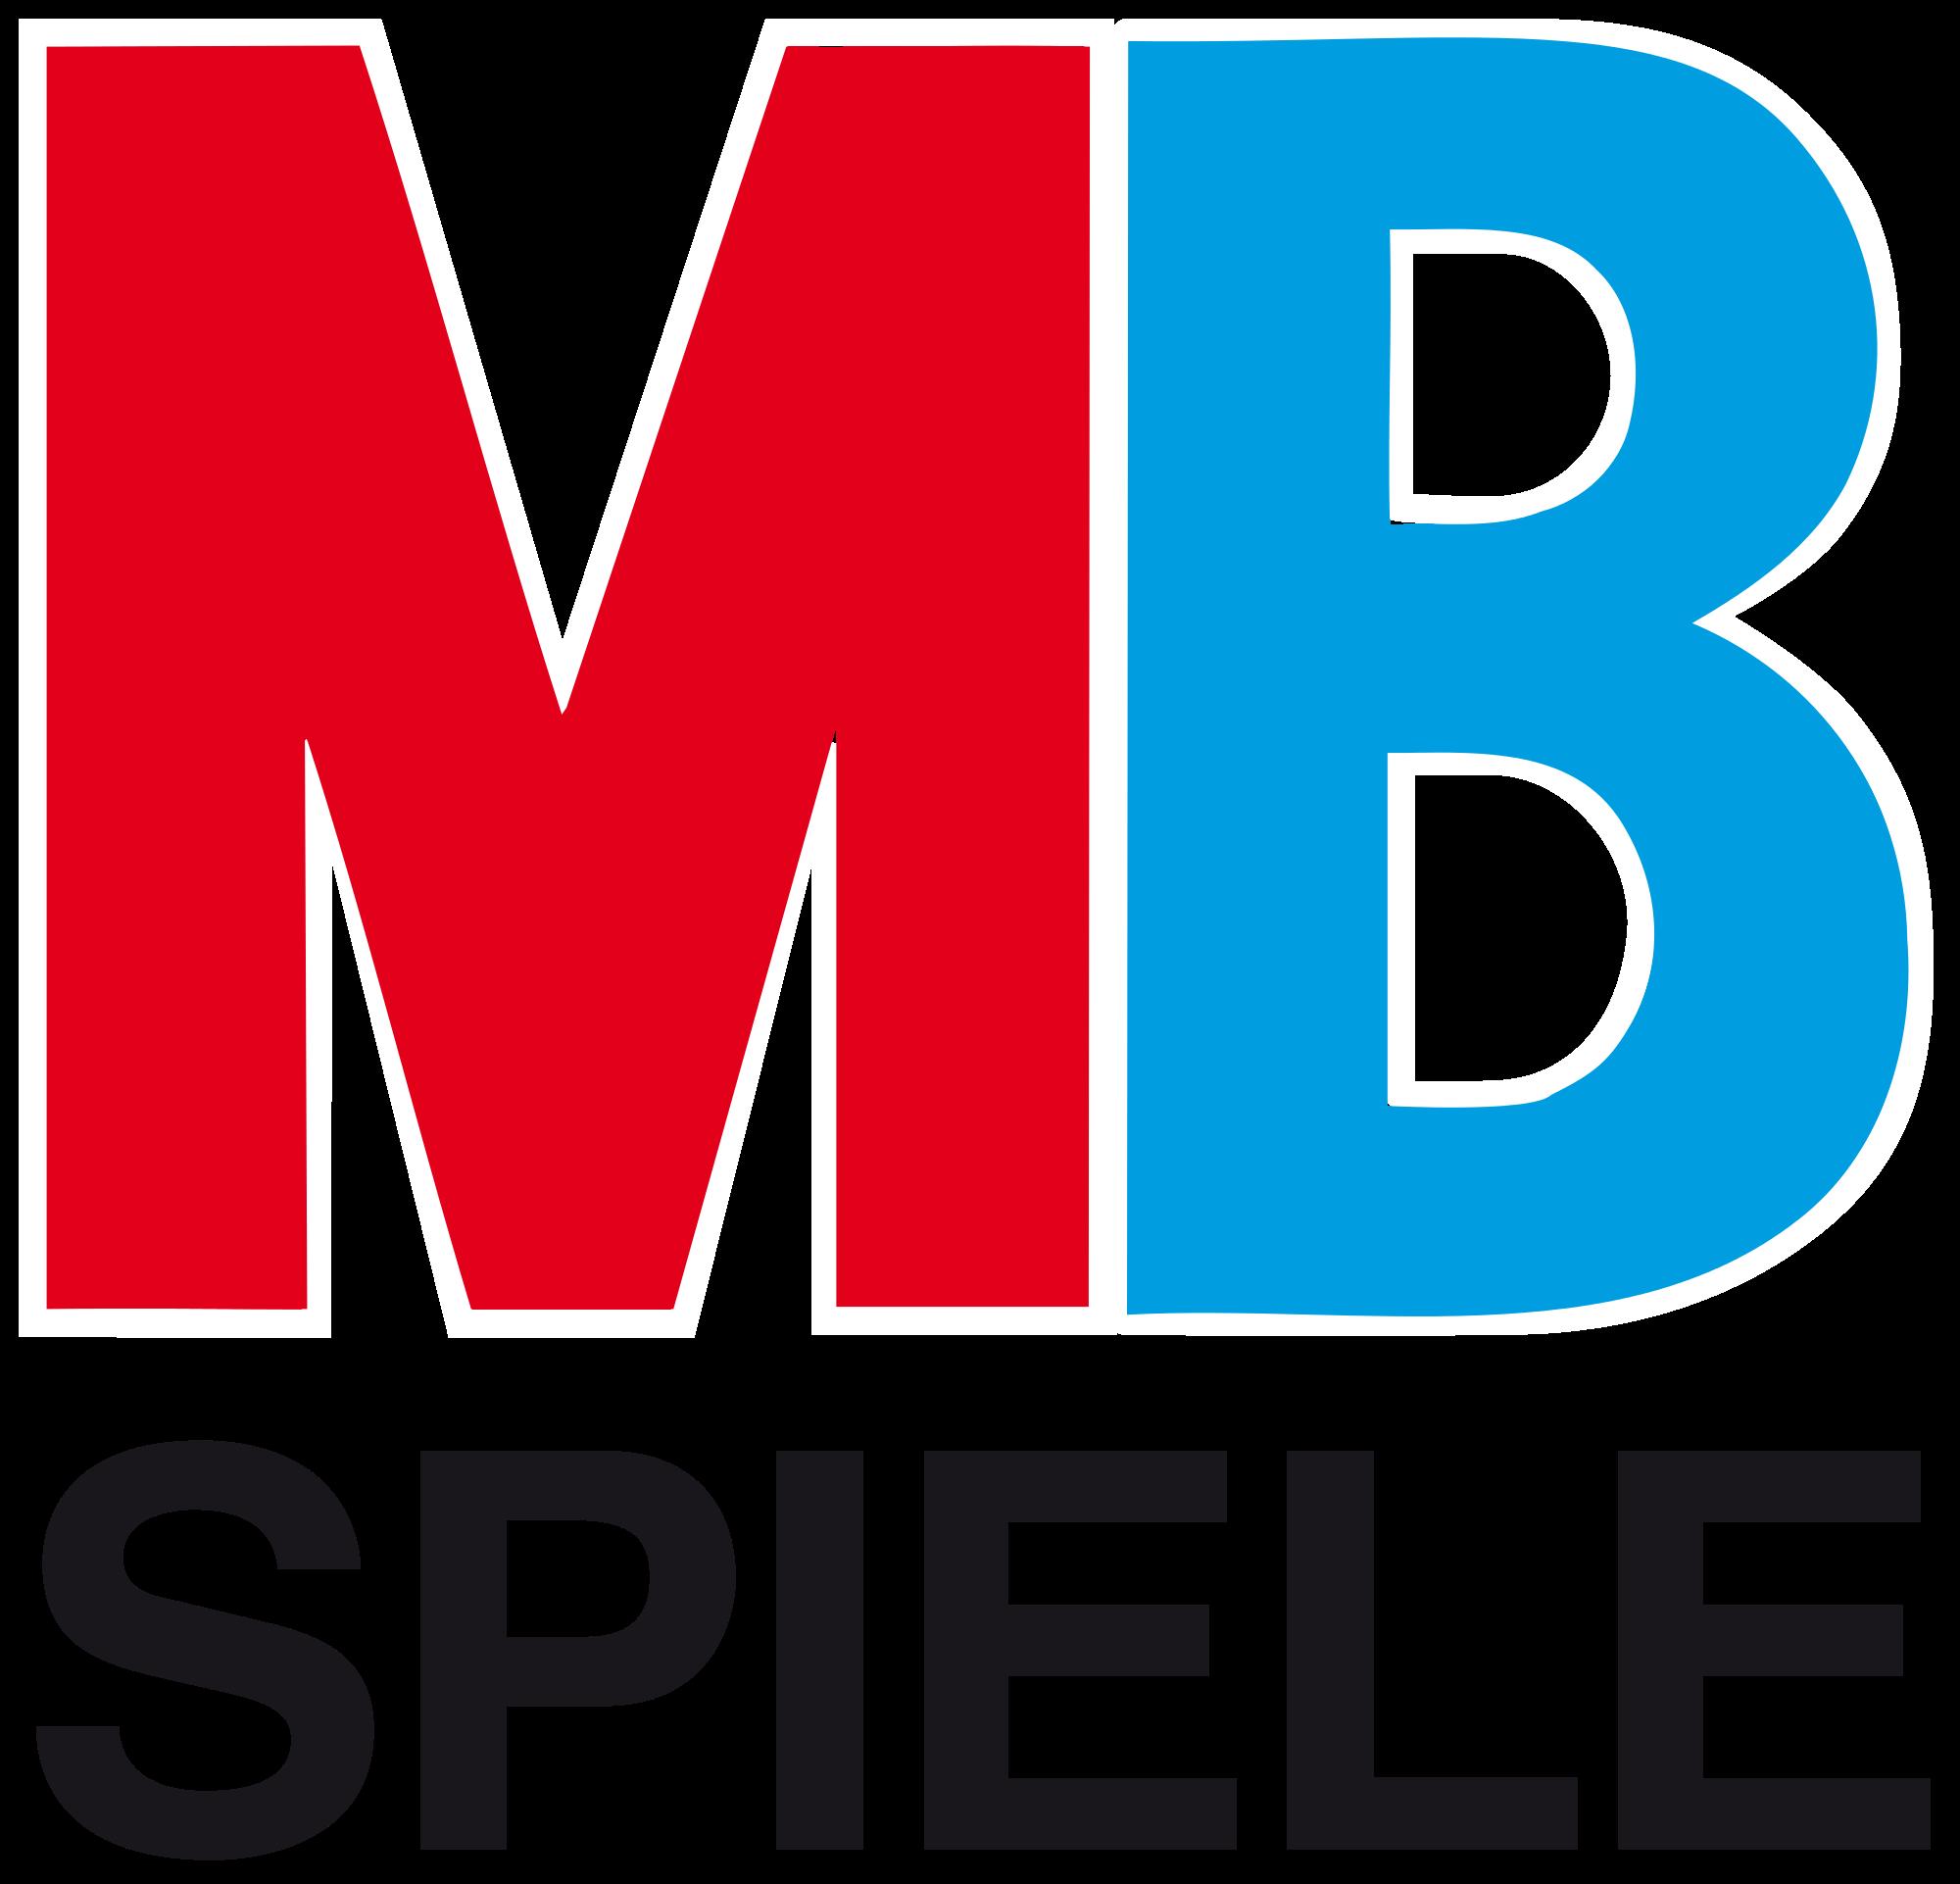 Spiel Logo (mit Bildern) Spiele, logo, Spiele apps